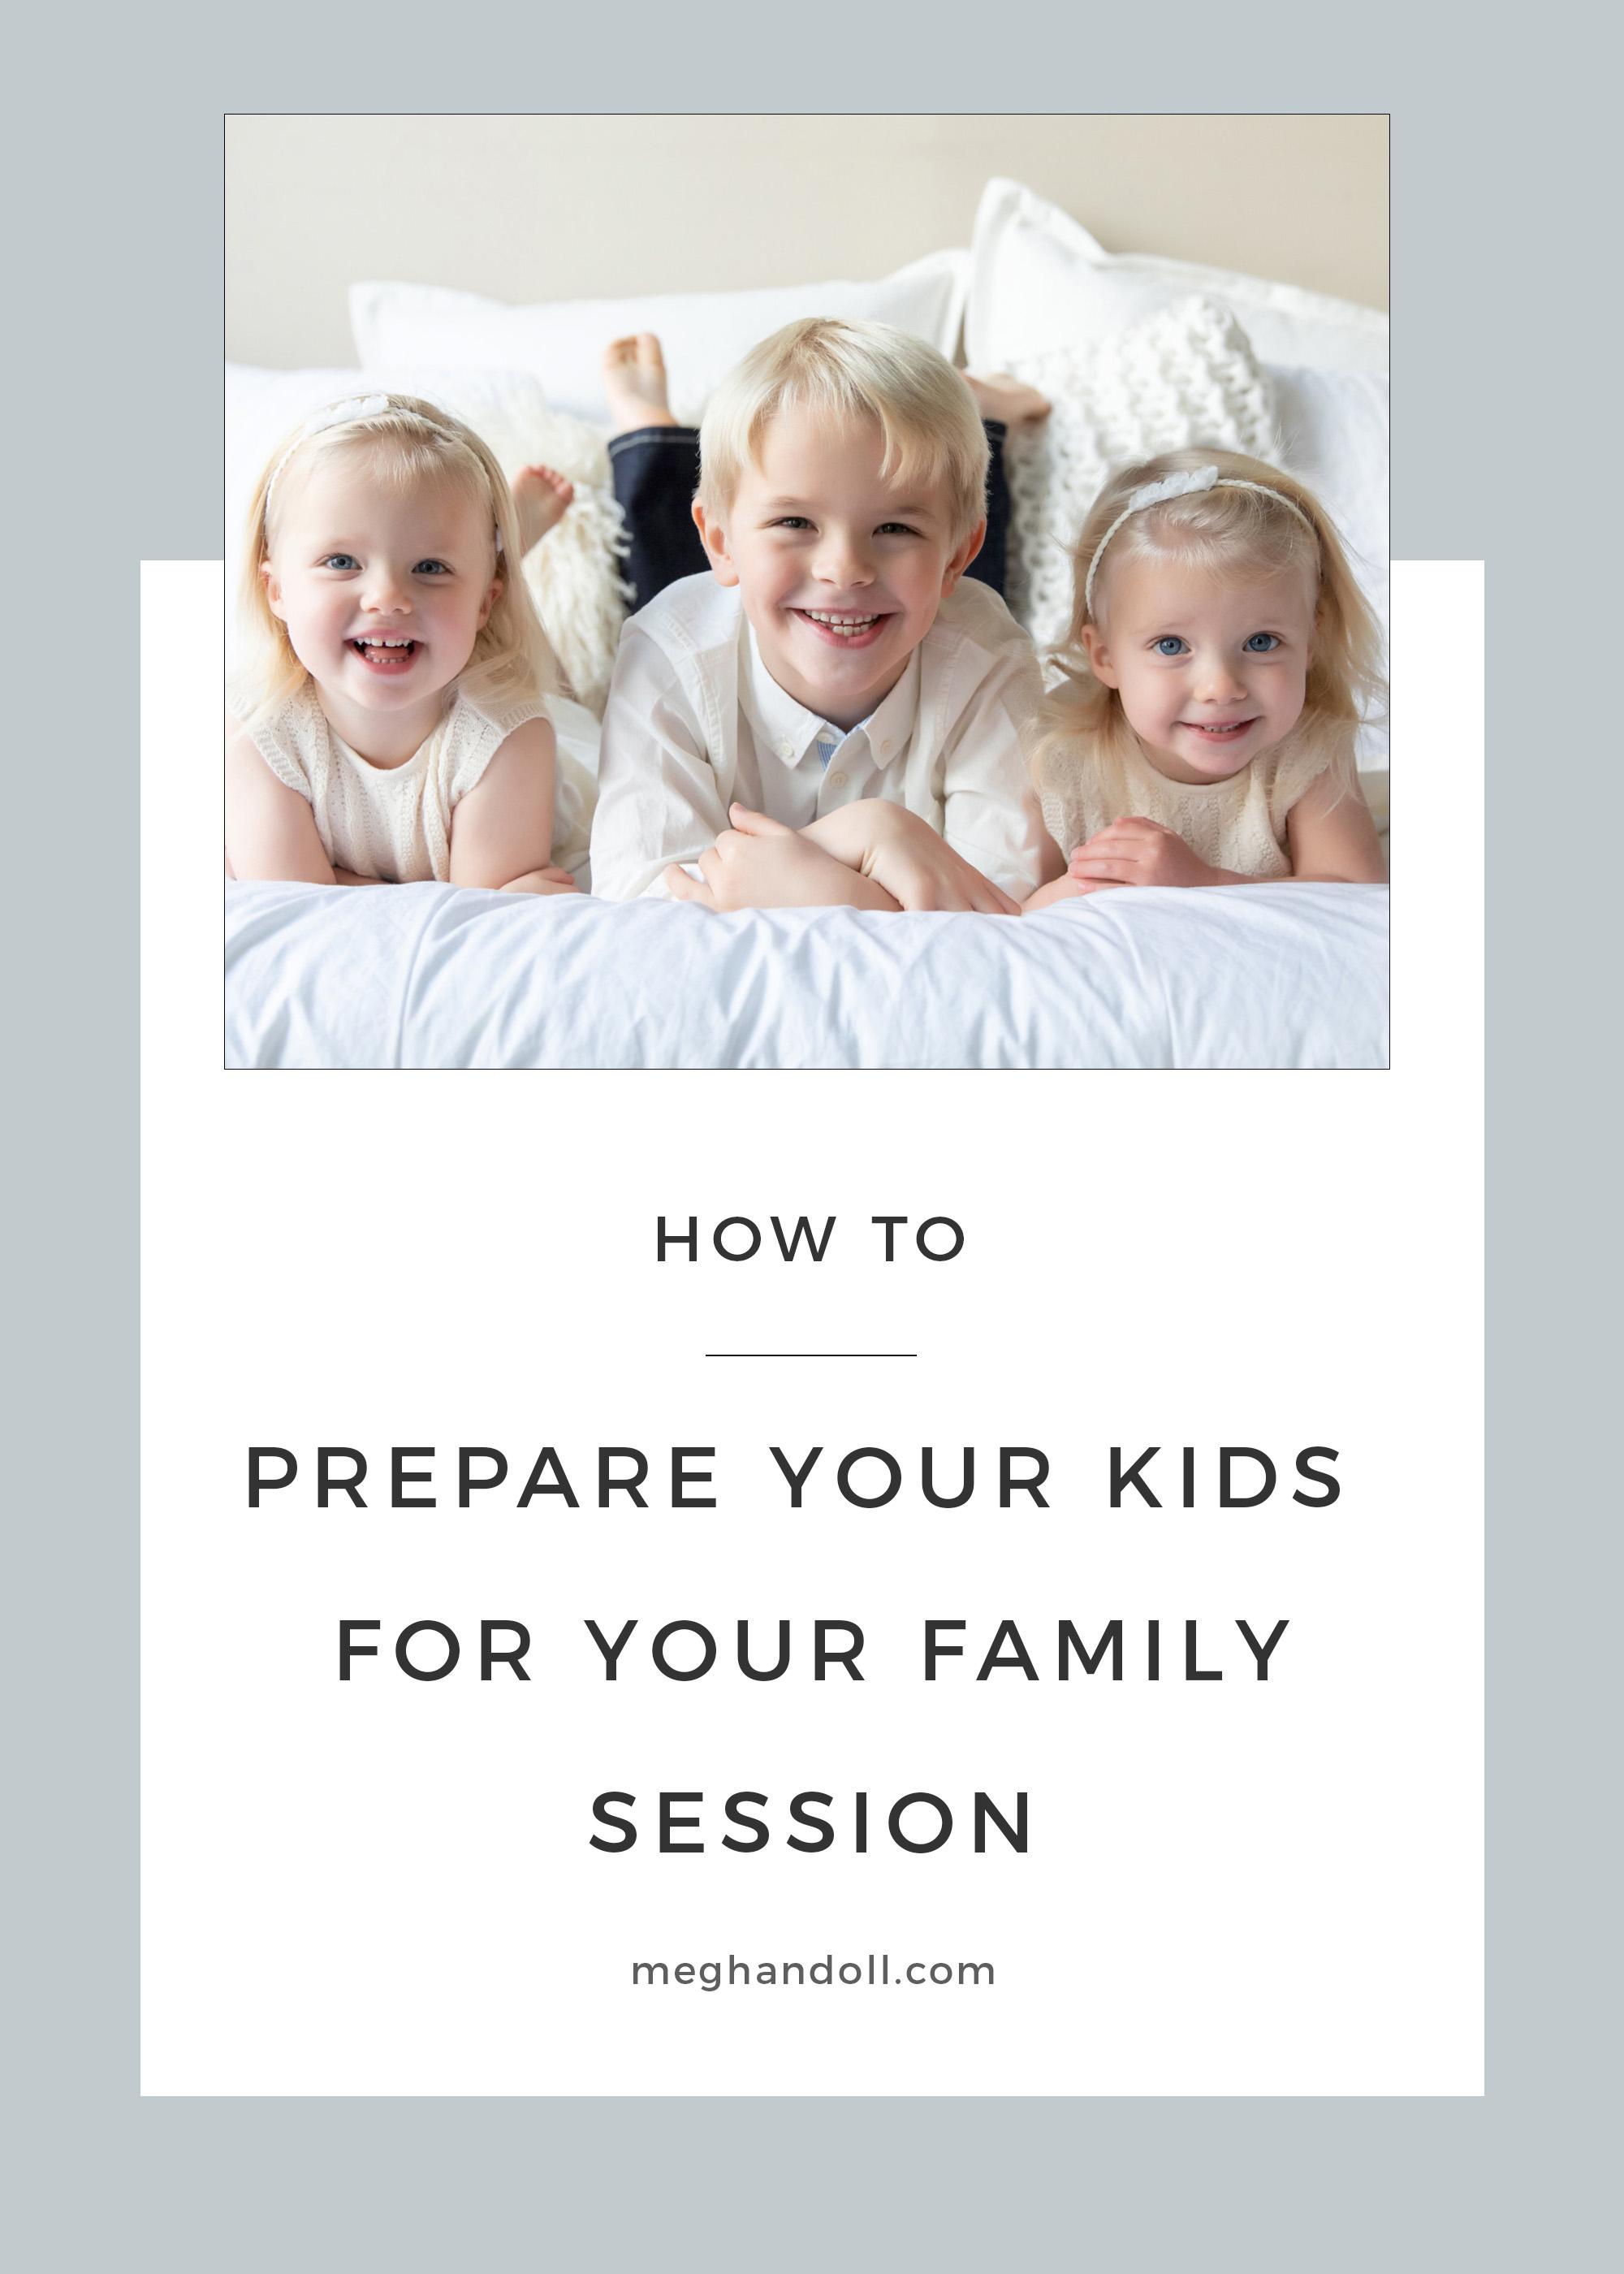 kidsfamilysession.jpg